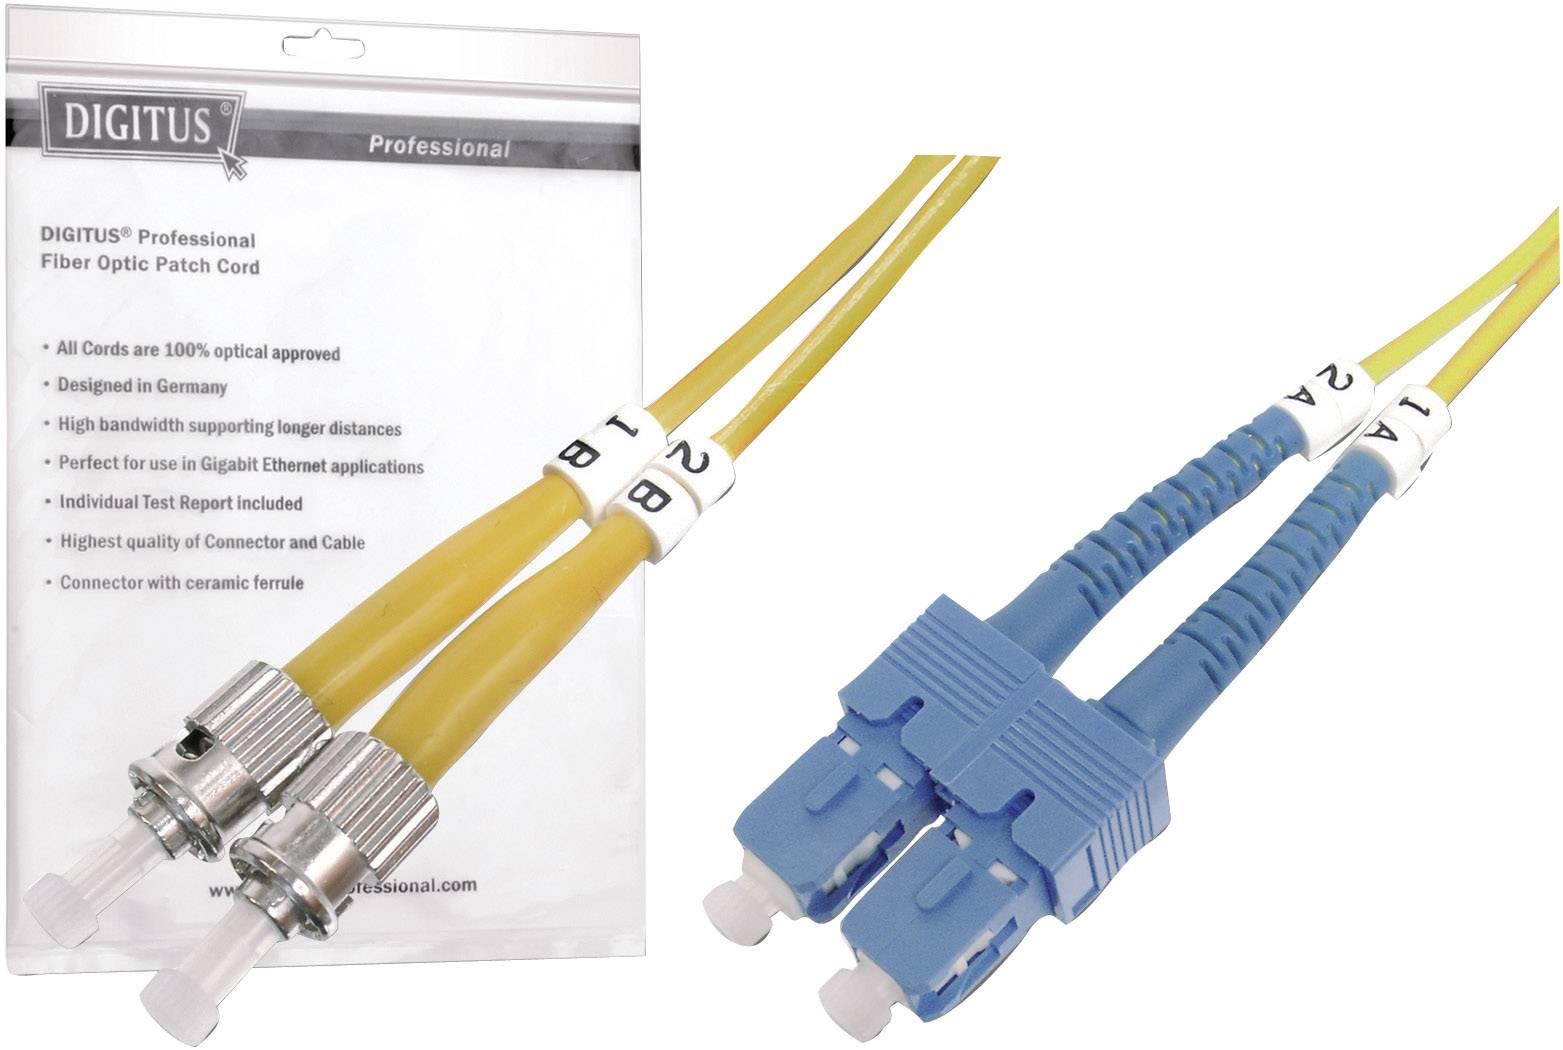 Optické vlákno kabel Digitus Professional DK-2912-03 [1x ST zástrčka - 1x zástrčka SC], 3 m, žlutá